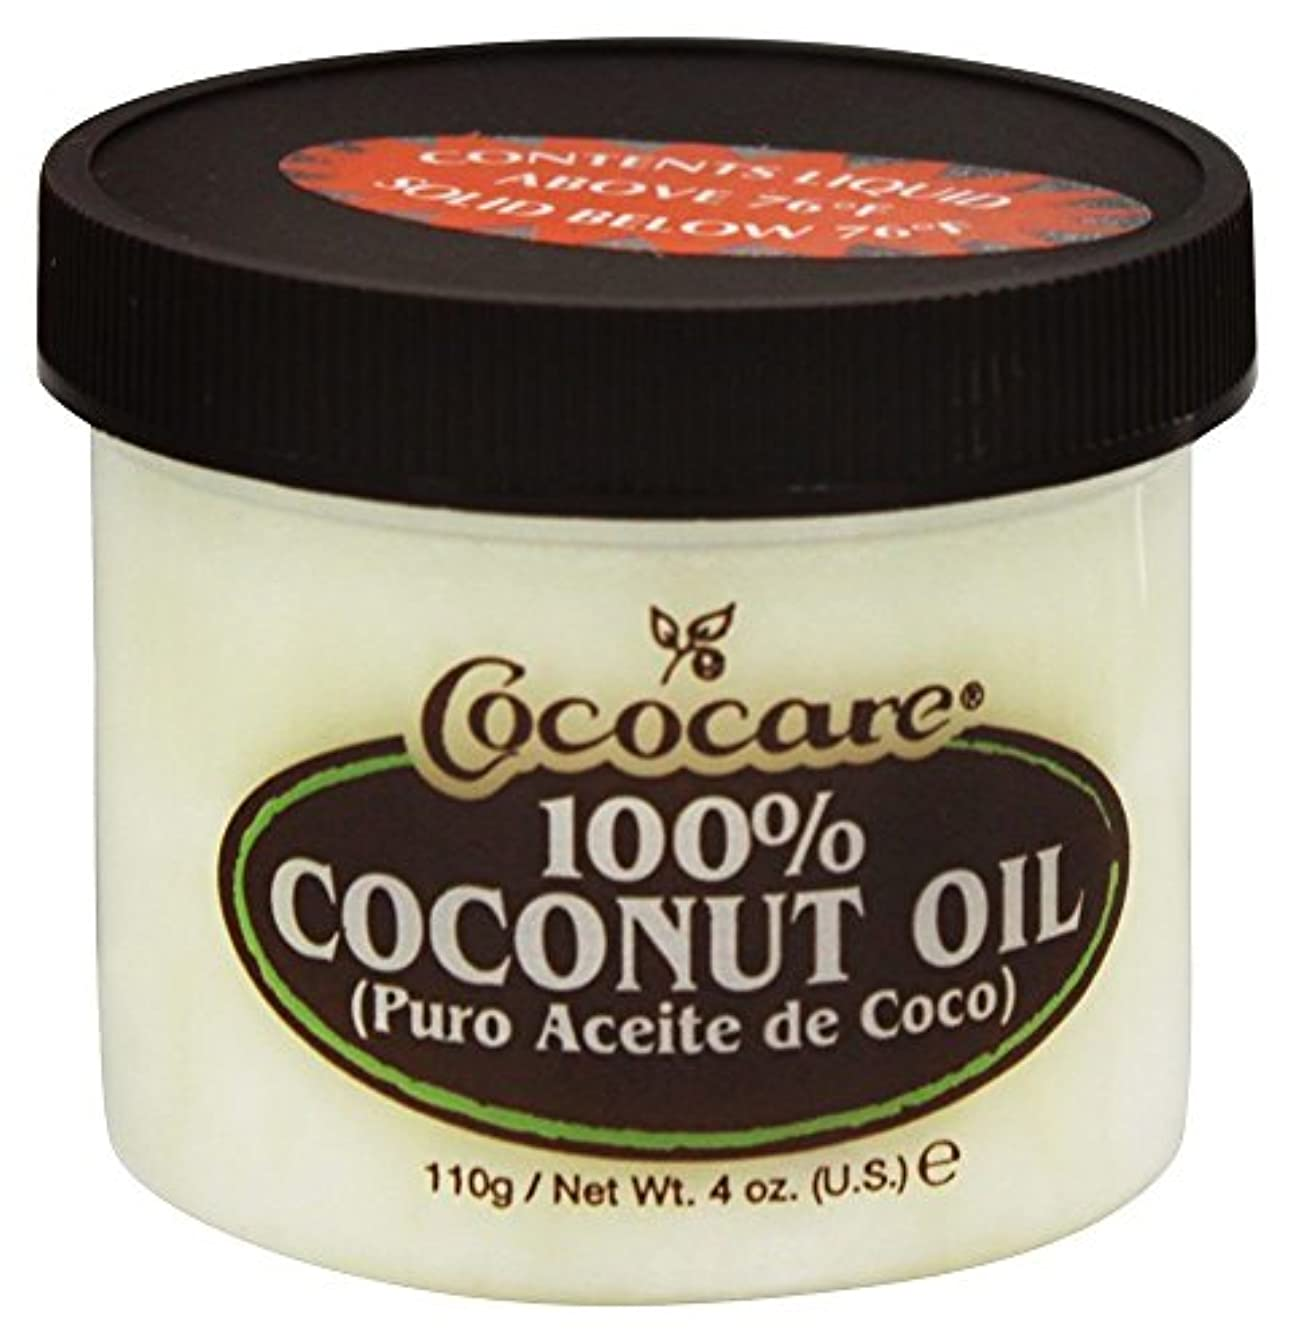 Cococare - 100% ココナッツ オイル - 4ポンド [並行輸入品]